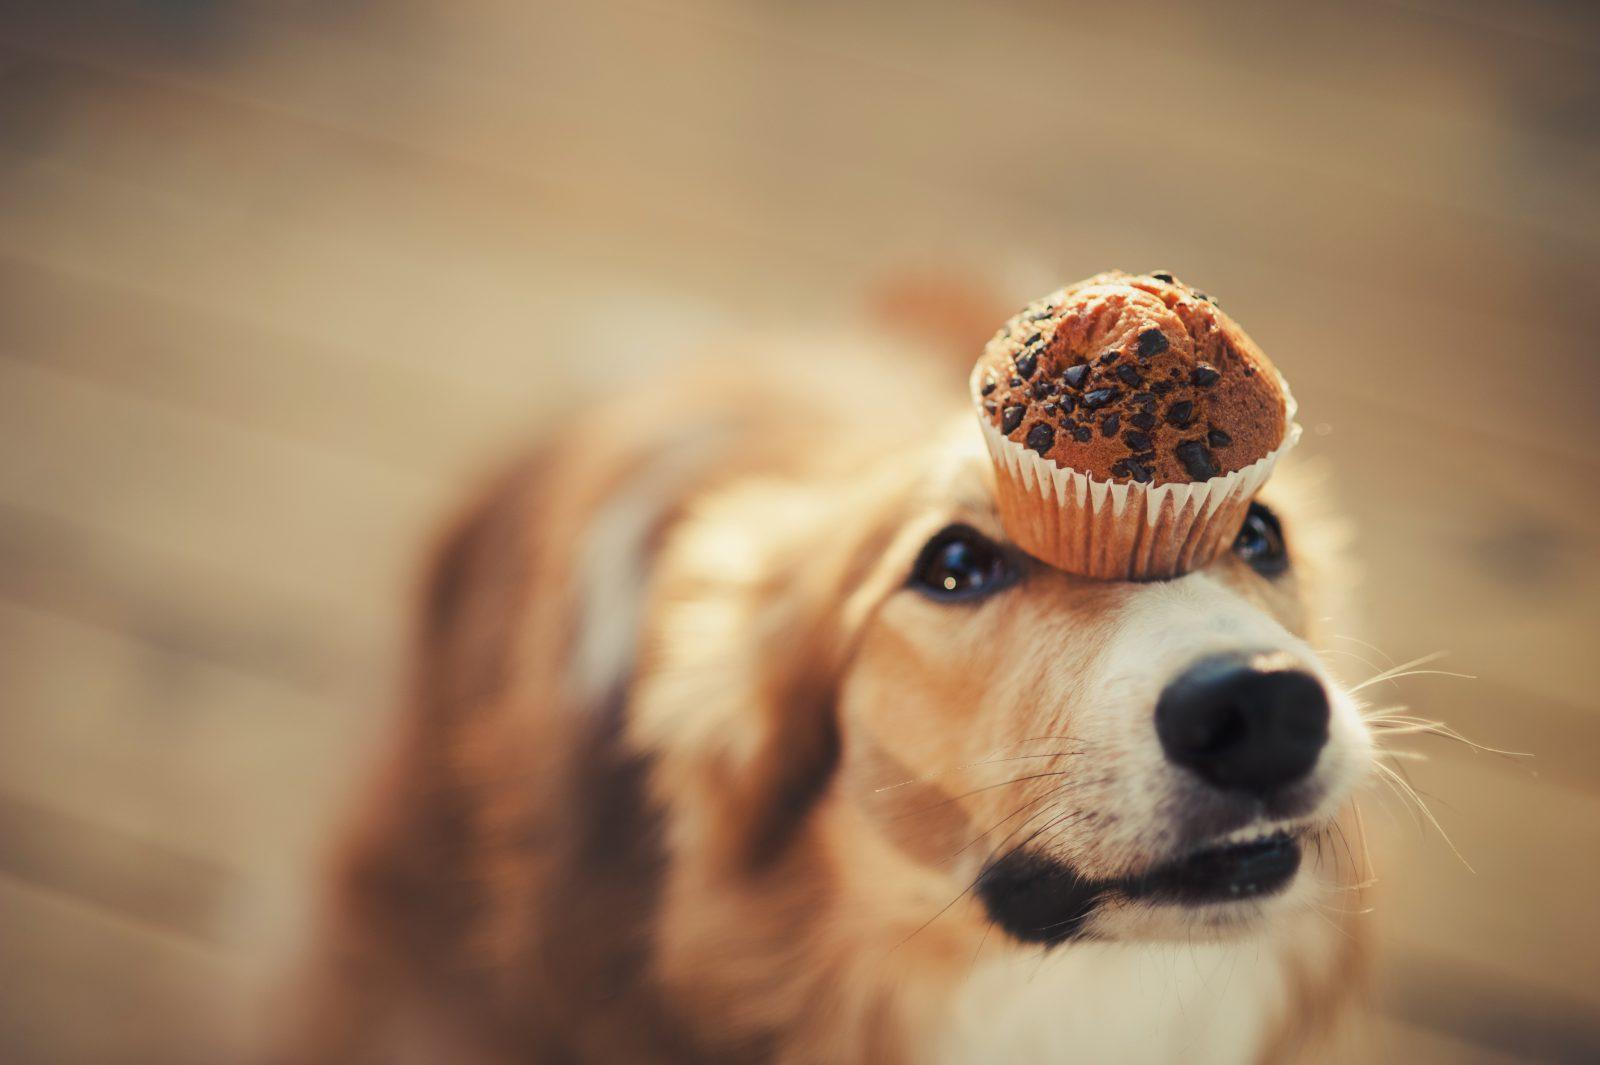 Cuidar de cachorro: Golden Retriever com um cupcake no focinho, prestes a roubá-lo e comê-lo.